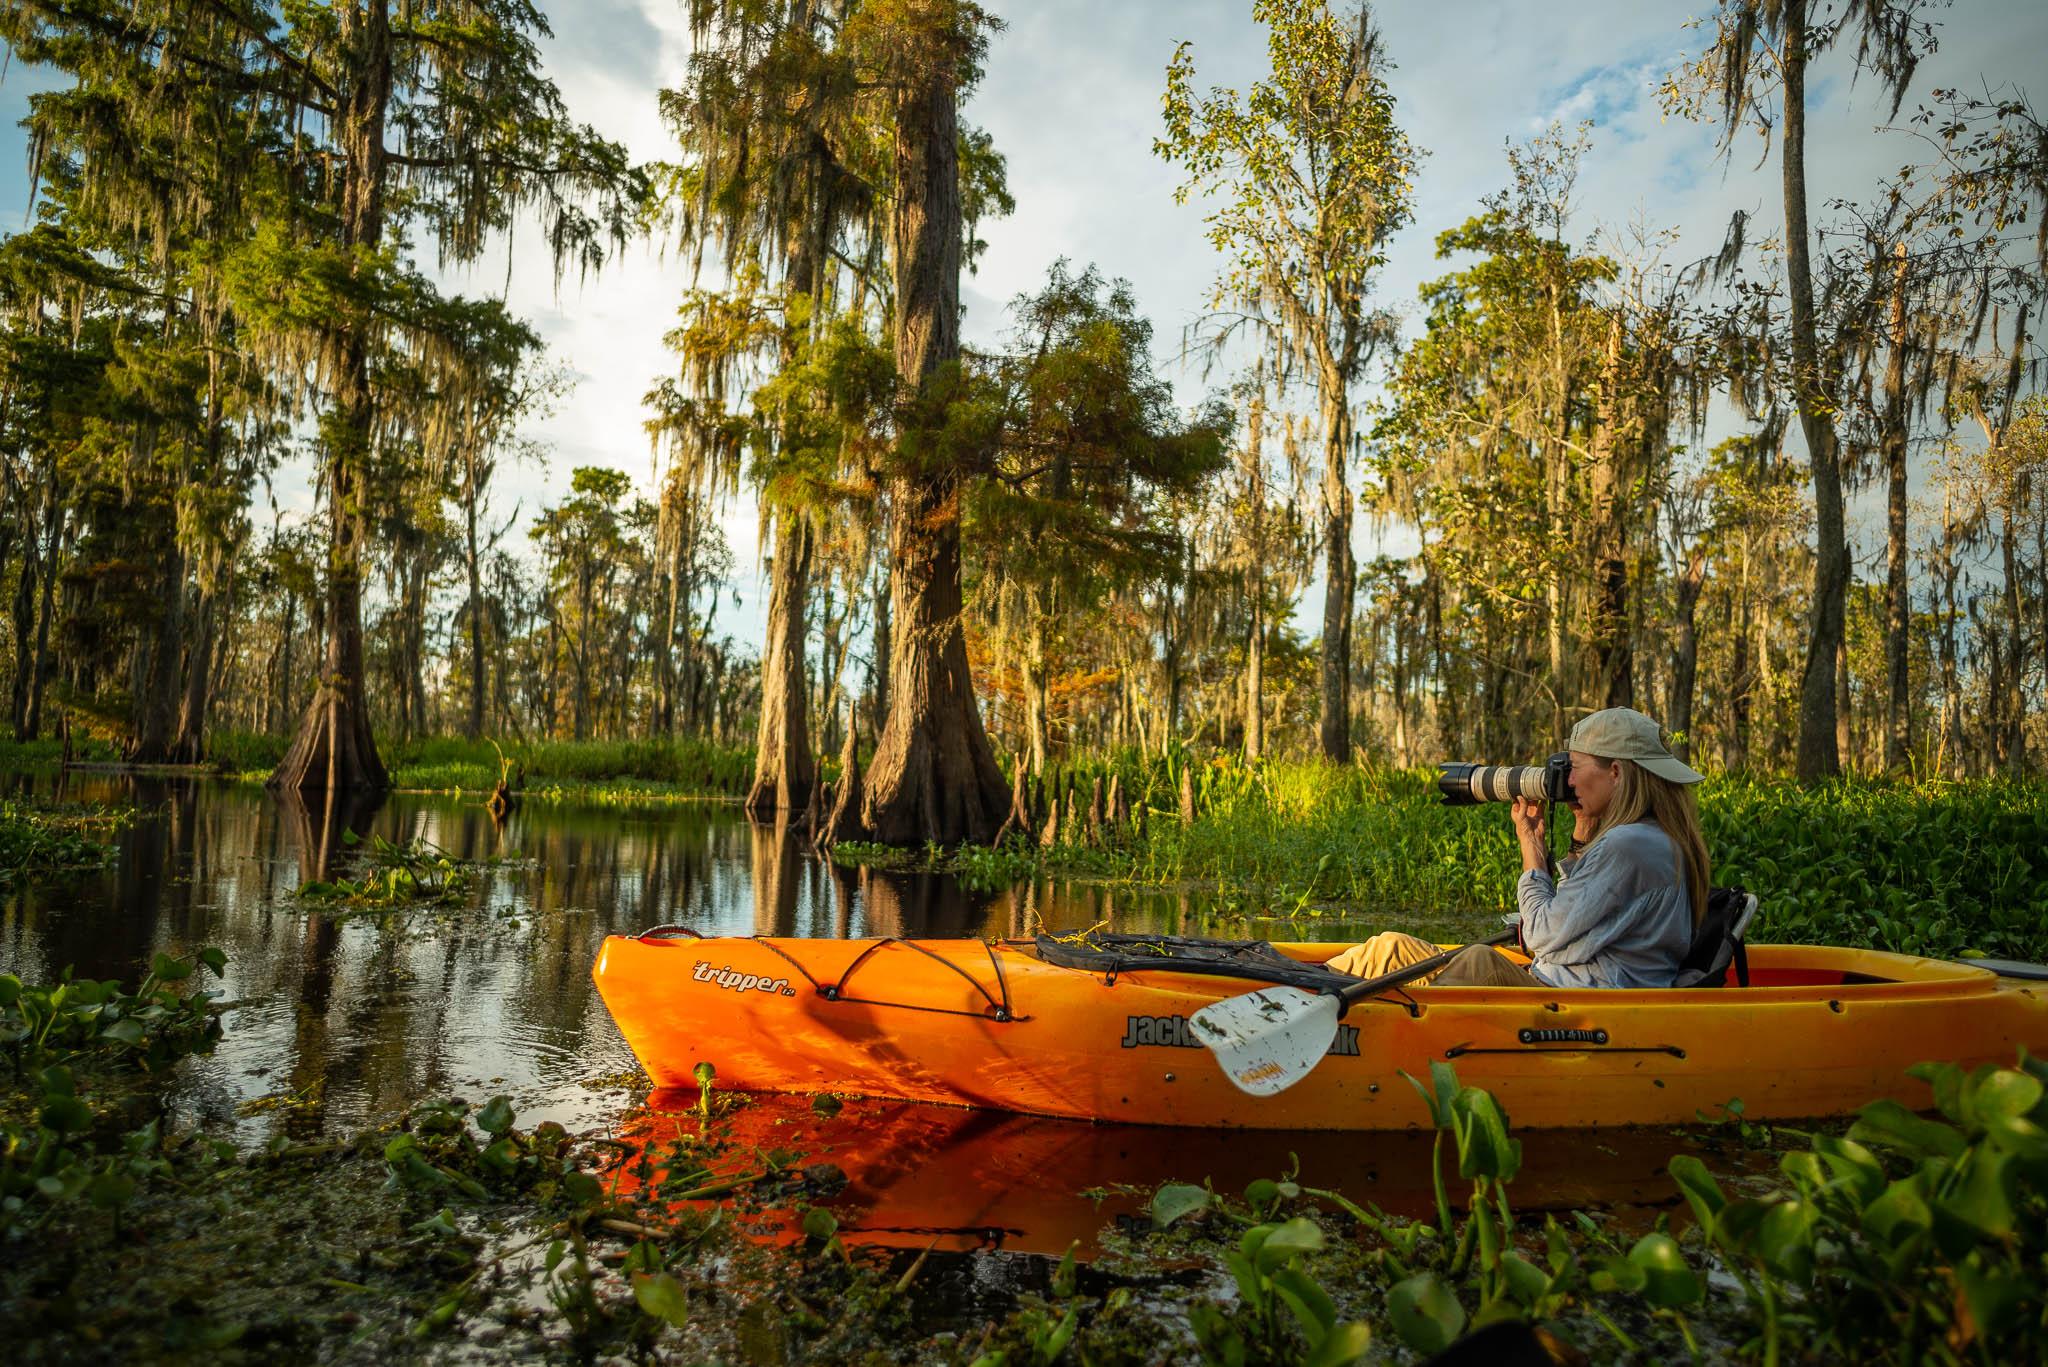 kayak, kayaking new orleans, kayak tours, kayak swamp tour, kayaking in nola,